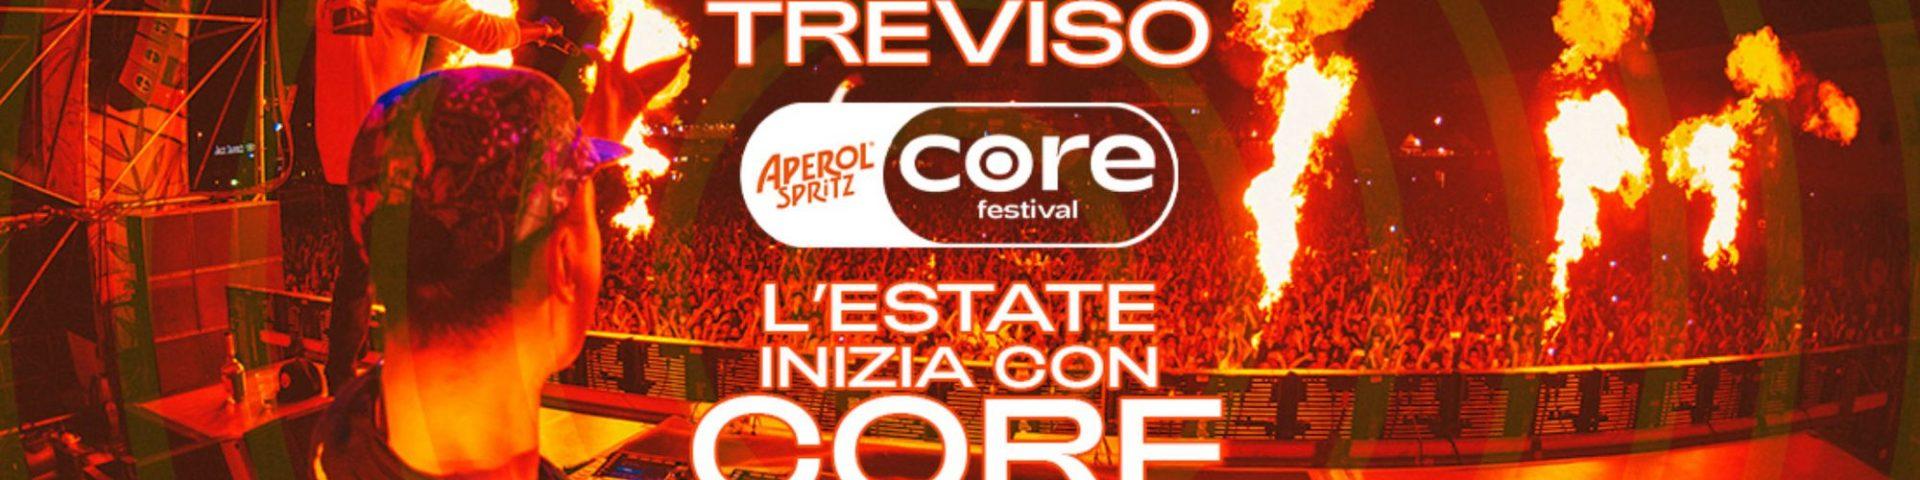 Core Festival in concerto a Treviso – 9 giugno: biglietti, scaletta, come arrivare